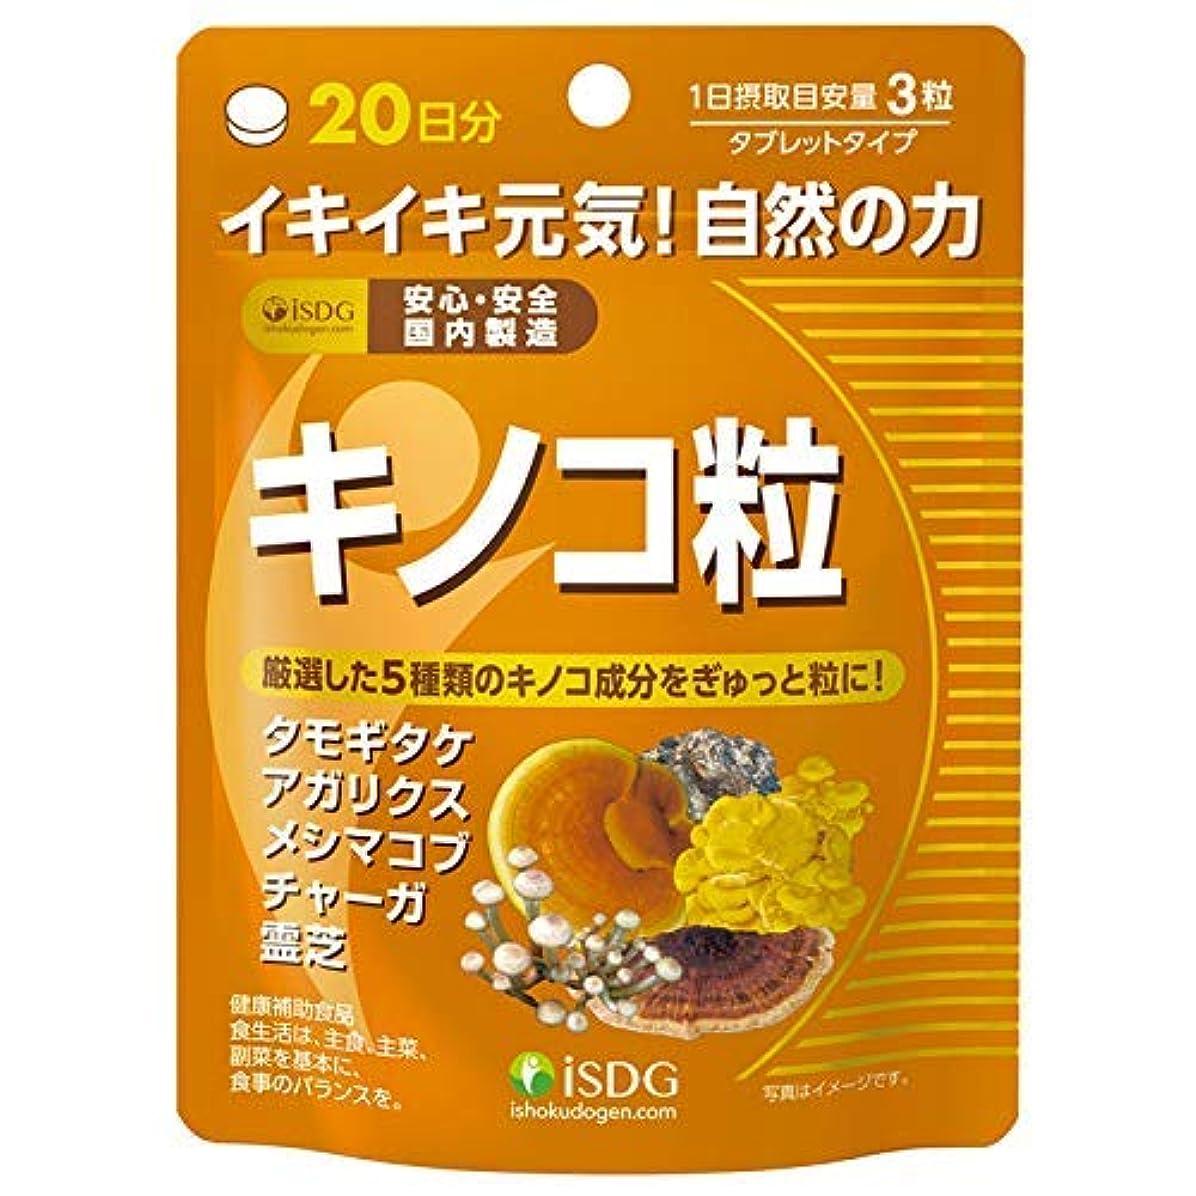 確立硬さ設計医食同源ドットコム ISDG 医食同源 キノコ 60粒×5個セット